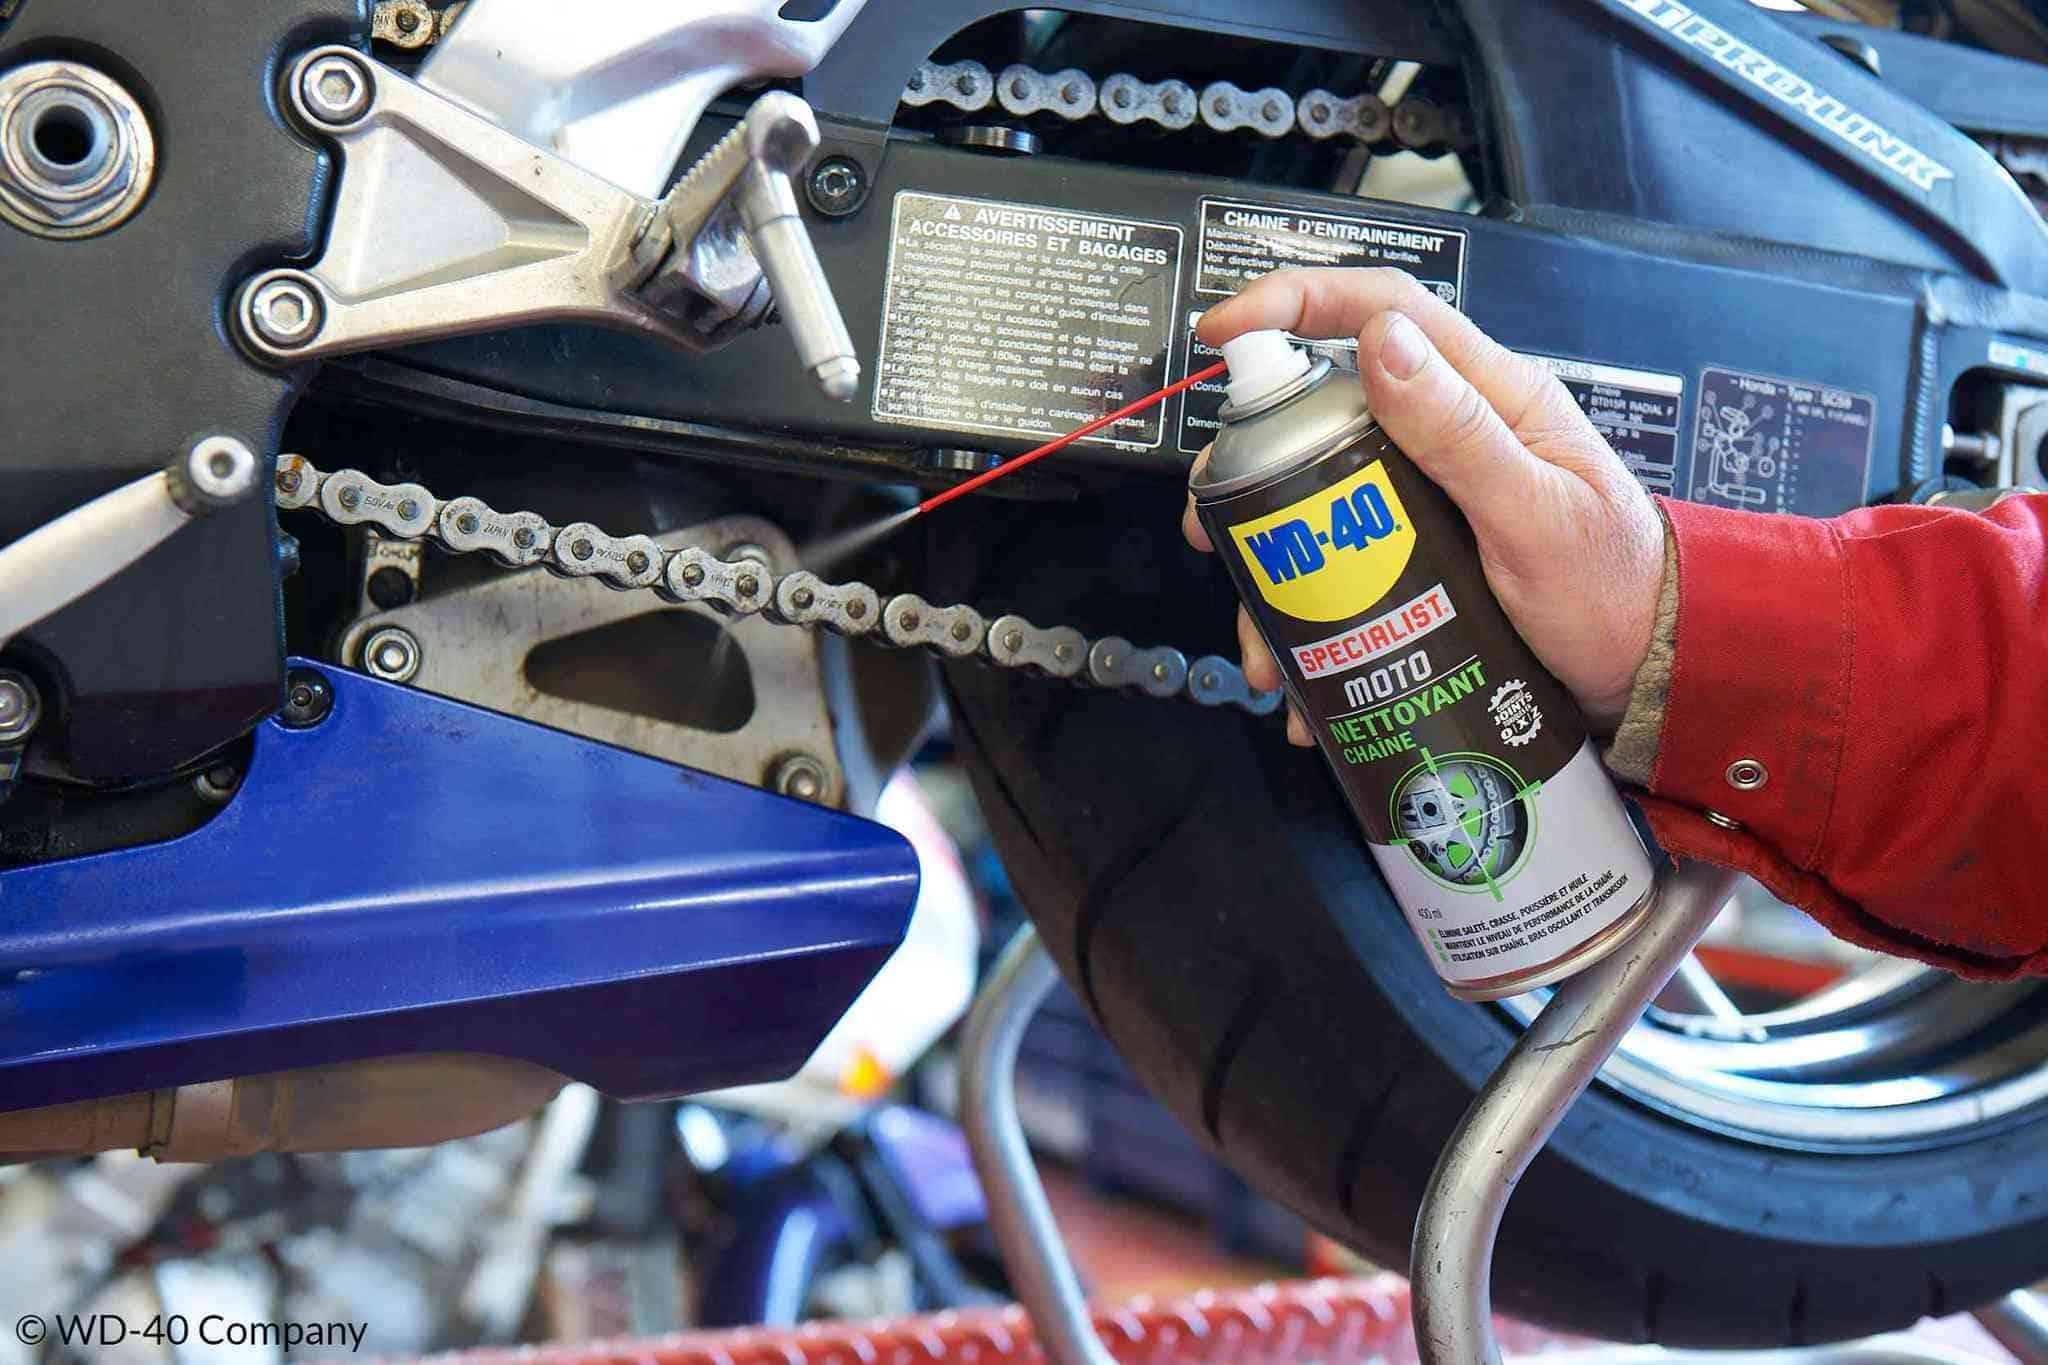 Le guide ultime d'entretien de la moto